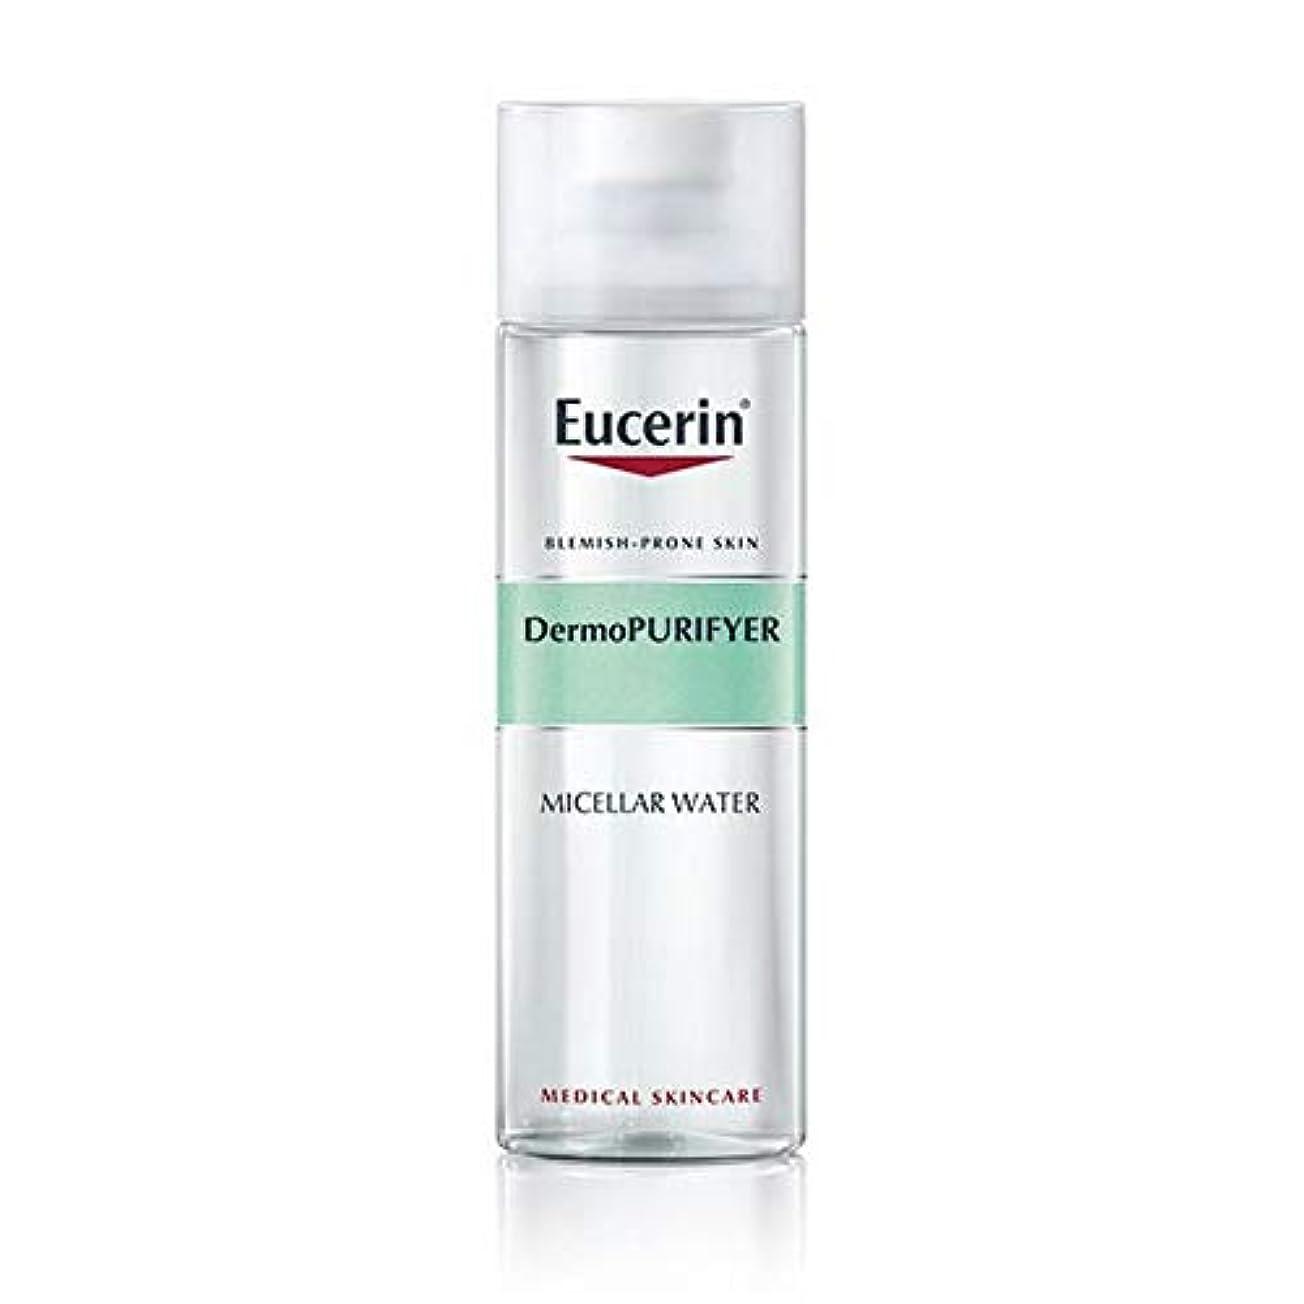 里親ハードウェア洞察力[Eucerin ] オイルコントロールミセル水200ミリリットルDermopurifyerユーセリン - Eucerin Dermopurifyer Oil Control Micellar Water 200ml [...